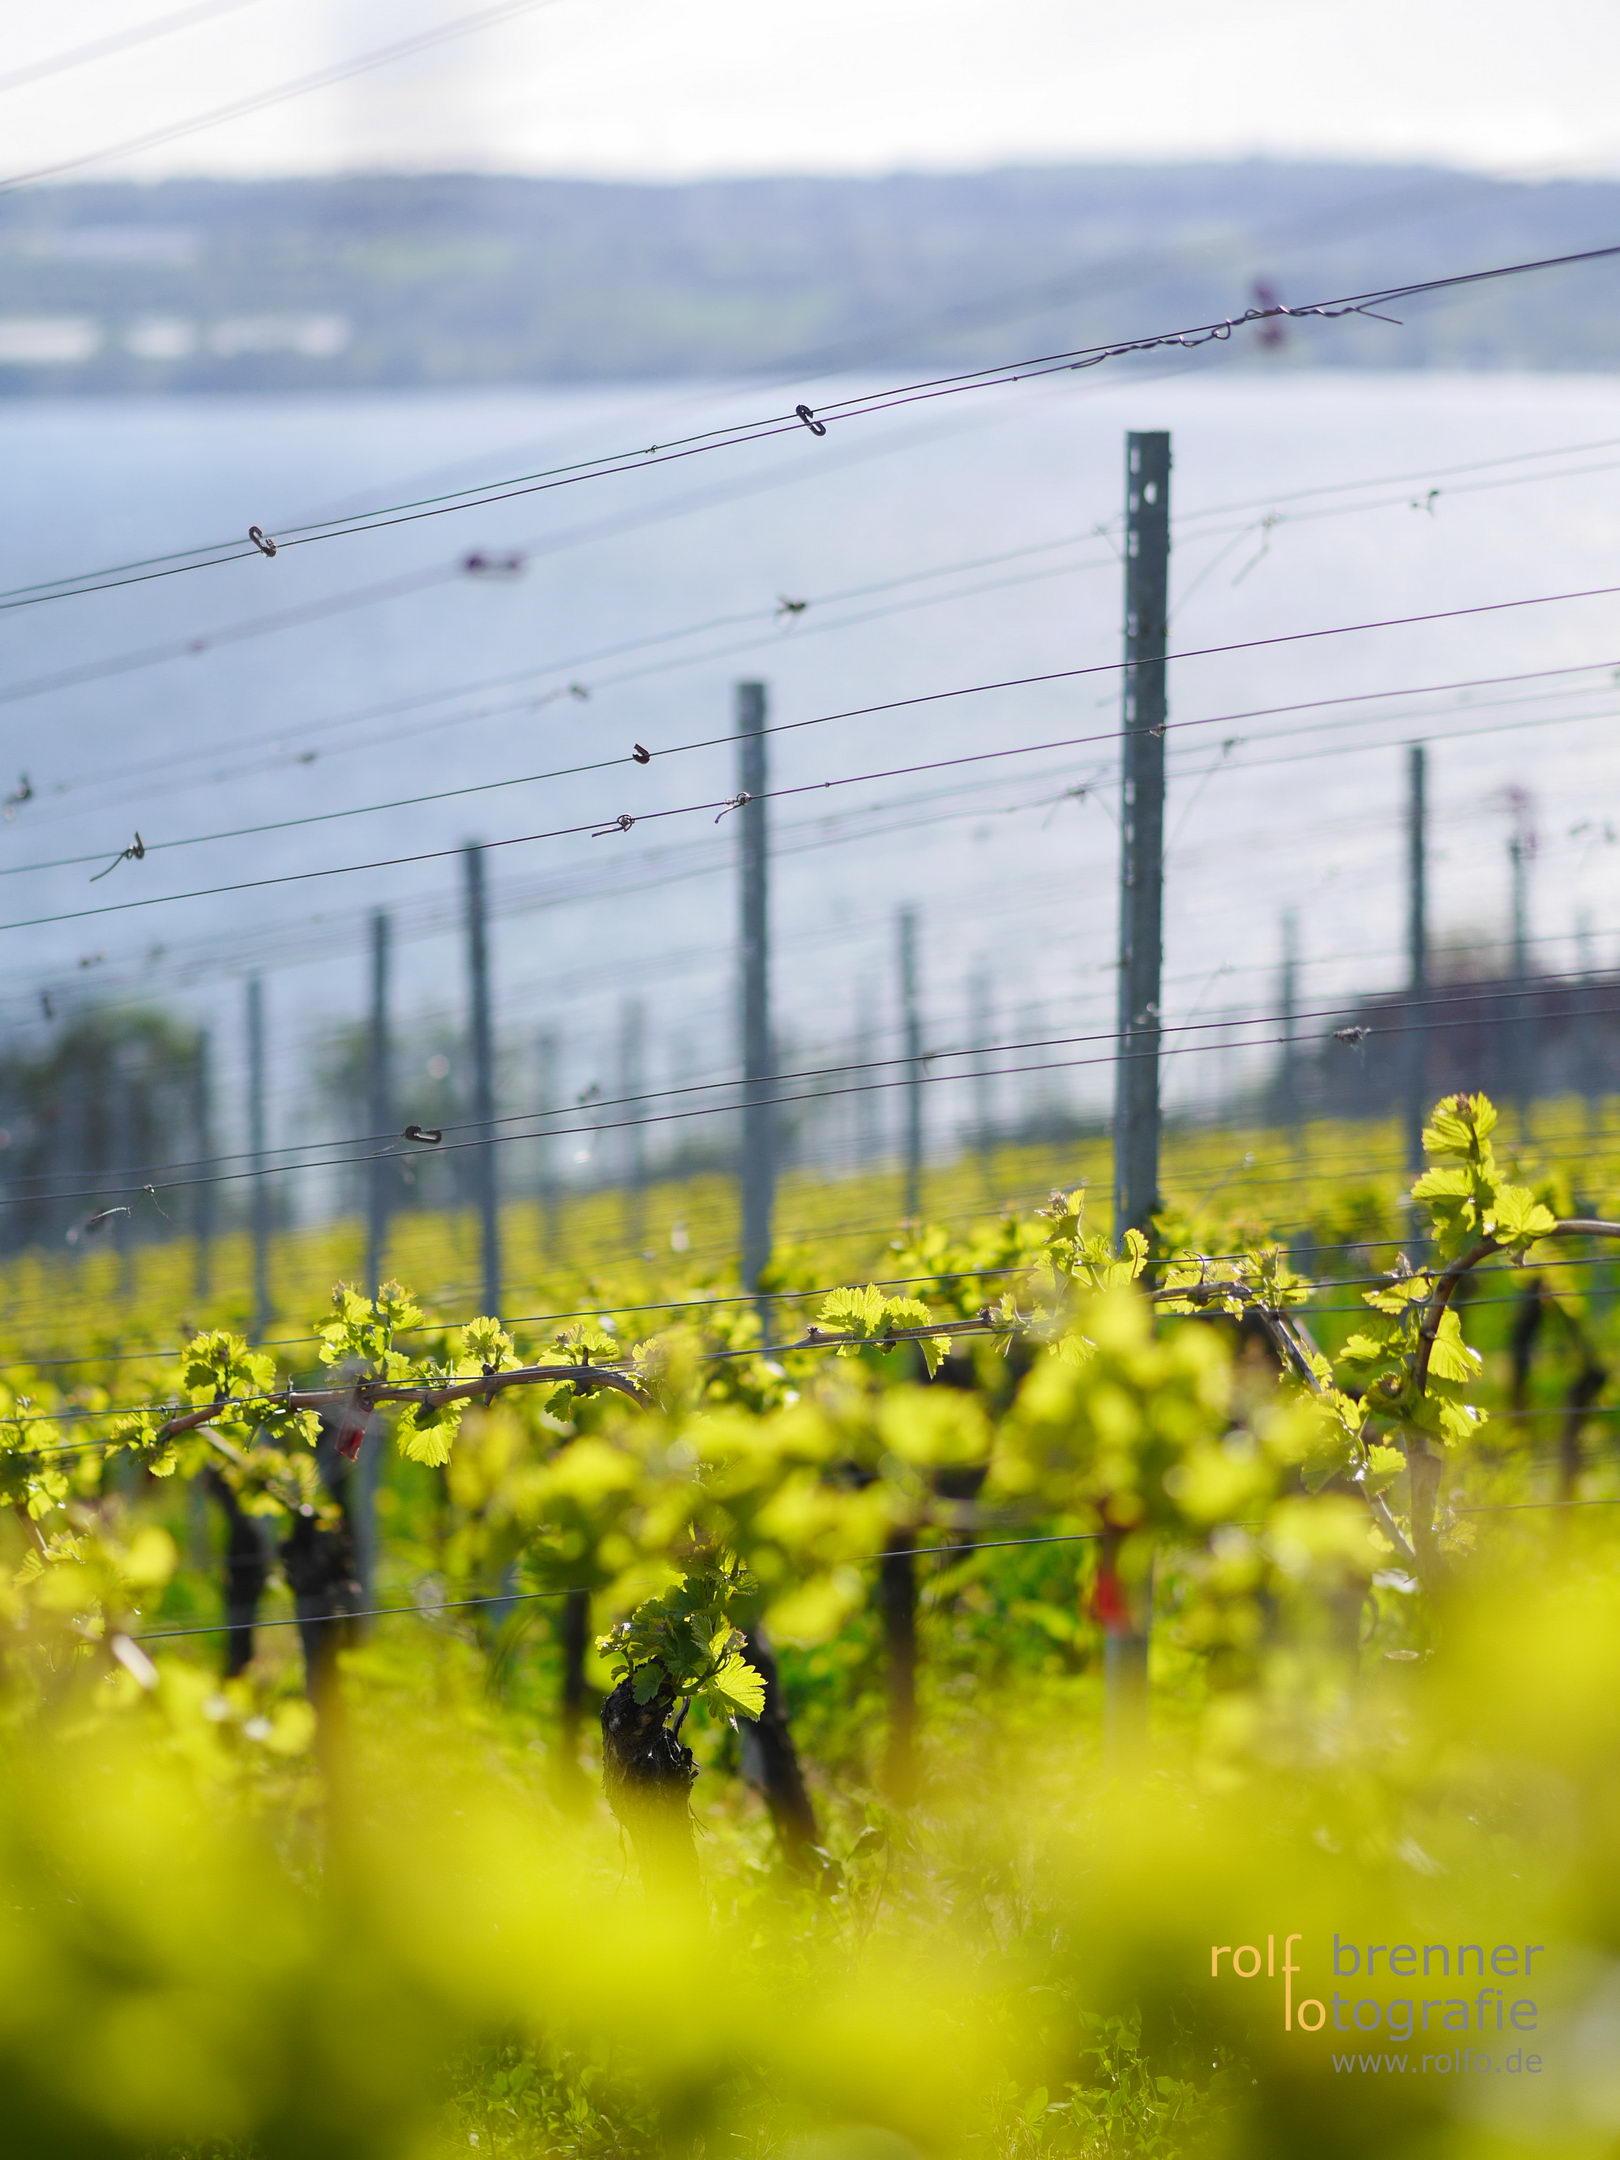 junge Weinreben am sonnigen Bodensee